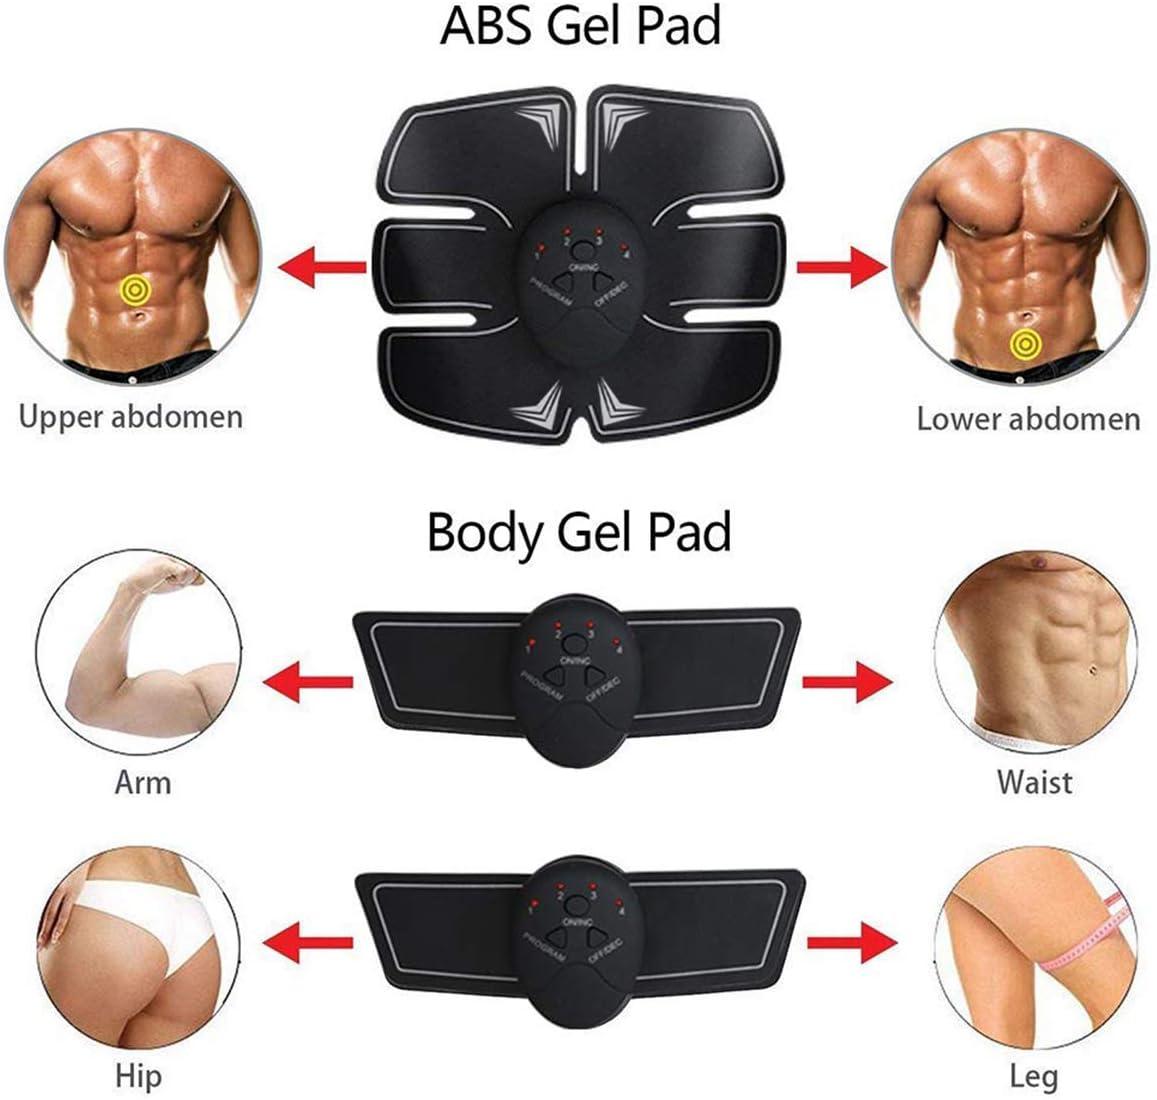 EMS Stimolatore Muscolare,6 modalit/à e 10 Livelli di Intensit/à Elettrostimolatore Muscolare Professionale per Braccio//Gambe//Glutei ZHENROG Elettrostimolatore per Addominali